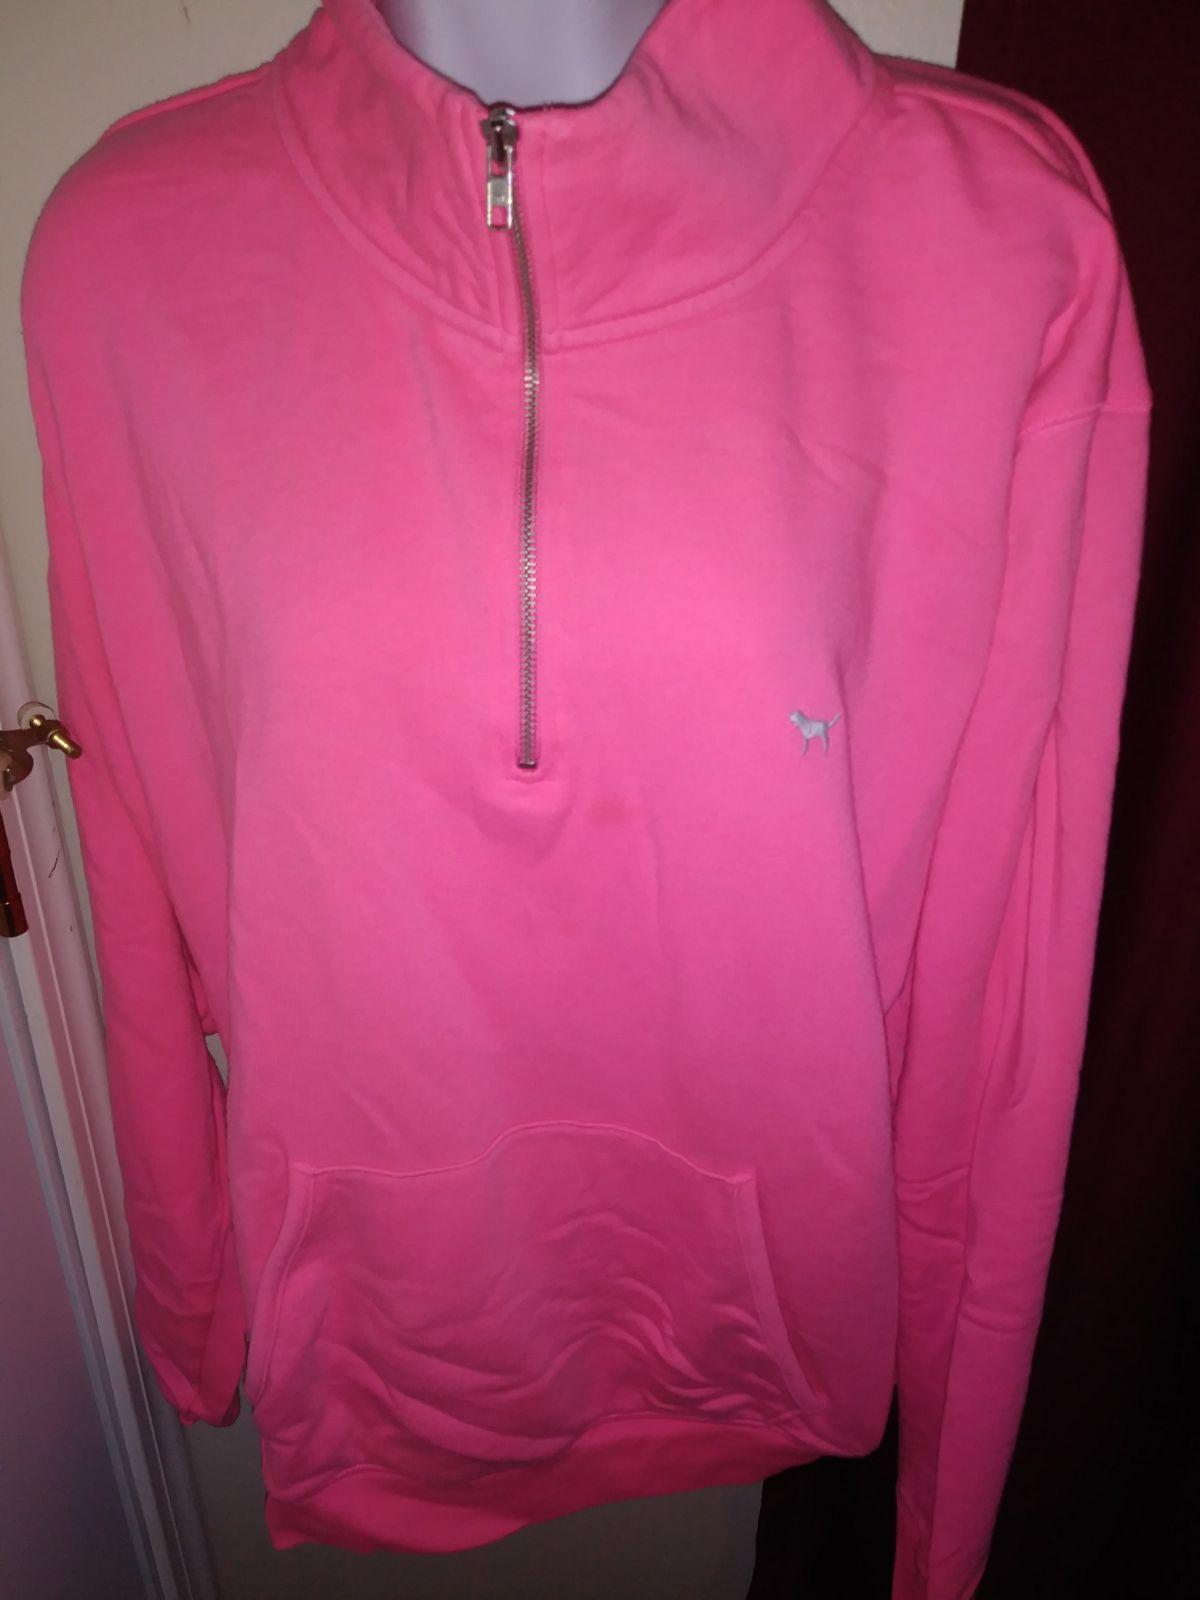 VS Pink half zip sweater sz Large - Mercari: BUY & SELL THINGS YOU ...